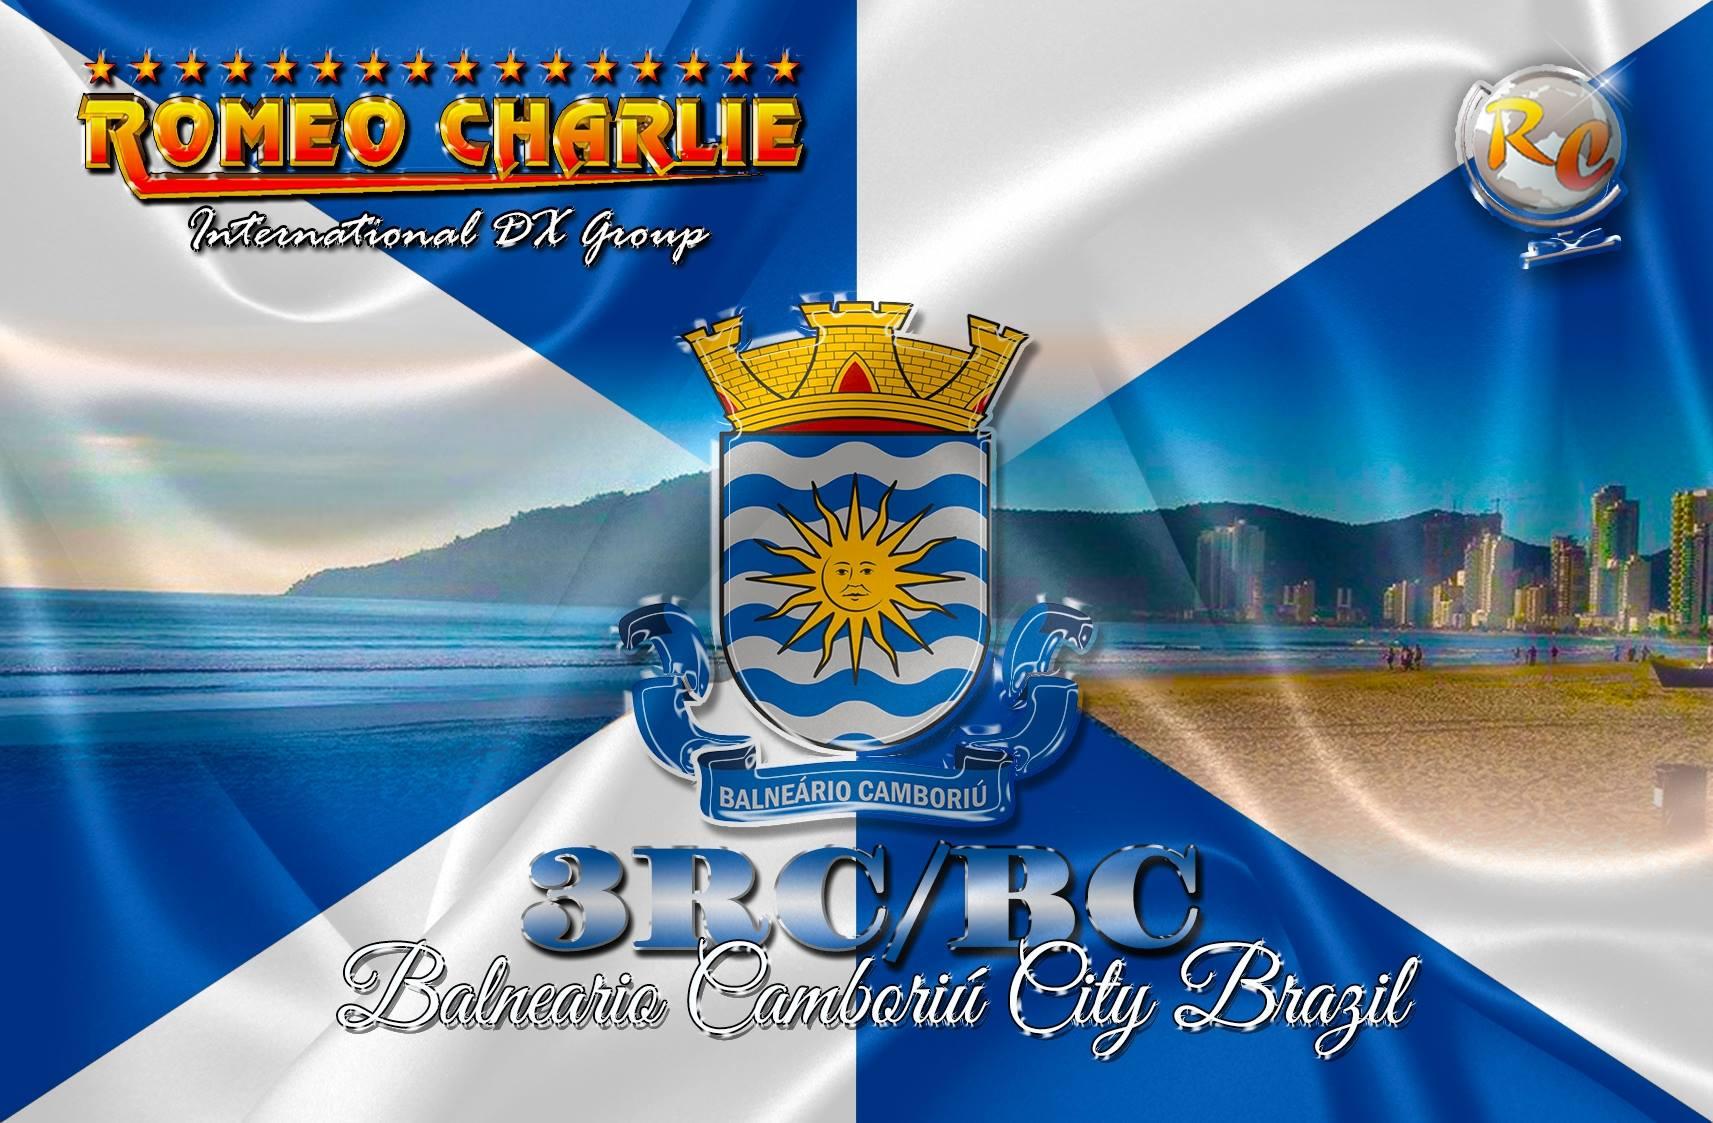 3rc bc